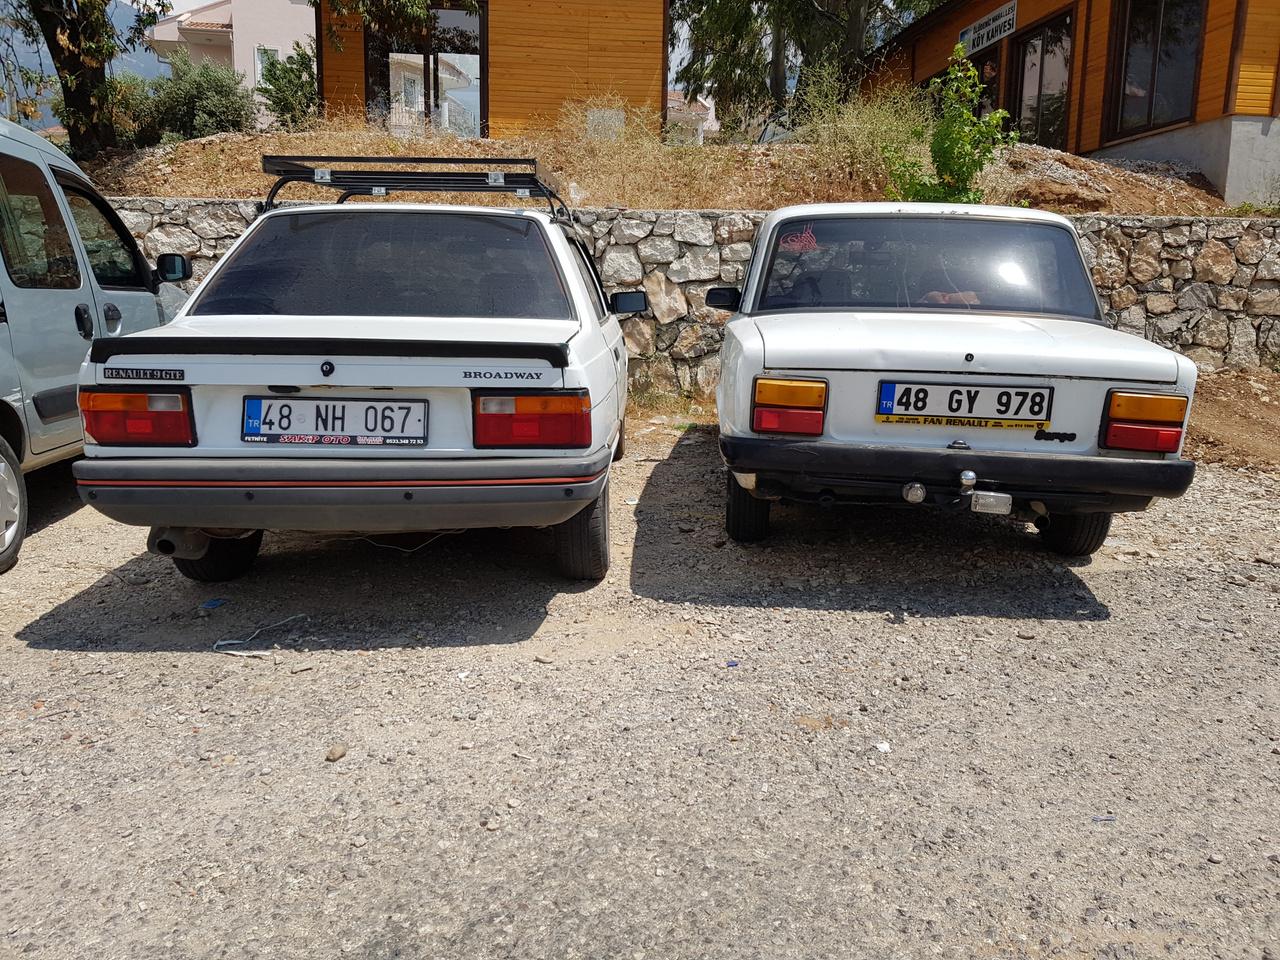 Renault 11 és Tofaş Serçe, a nyolcvanas évek végének lenyomatai és sorstársak természetesen fehér színben. Az ember sokszor legyalogolhat egy fél utcahosszt, mire színes autót lát, elképesztően népszerű a fehér, ami ilyen folyamatos hőségben teljesen érthető